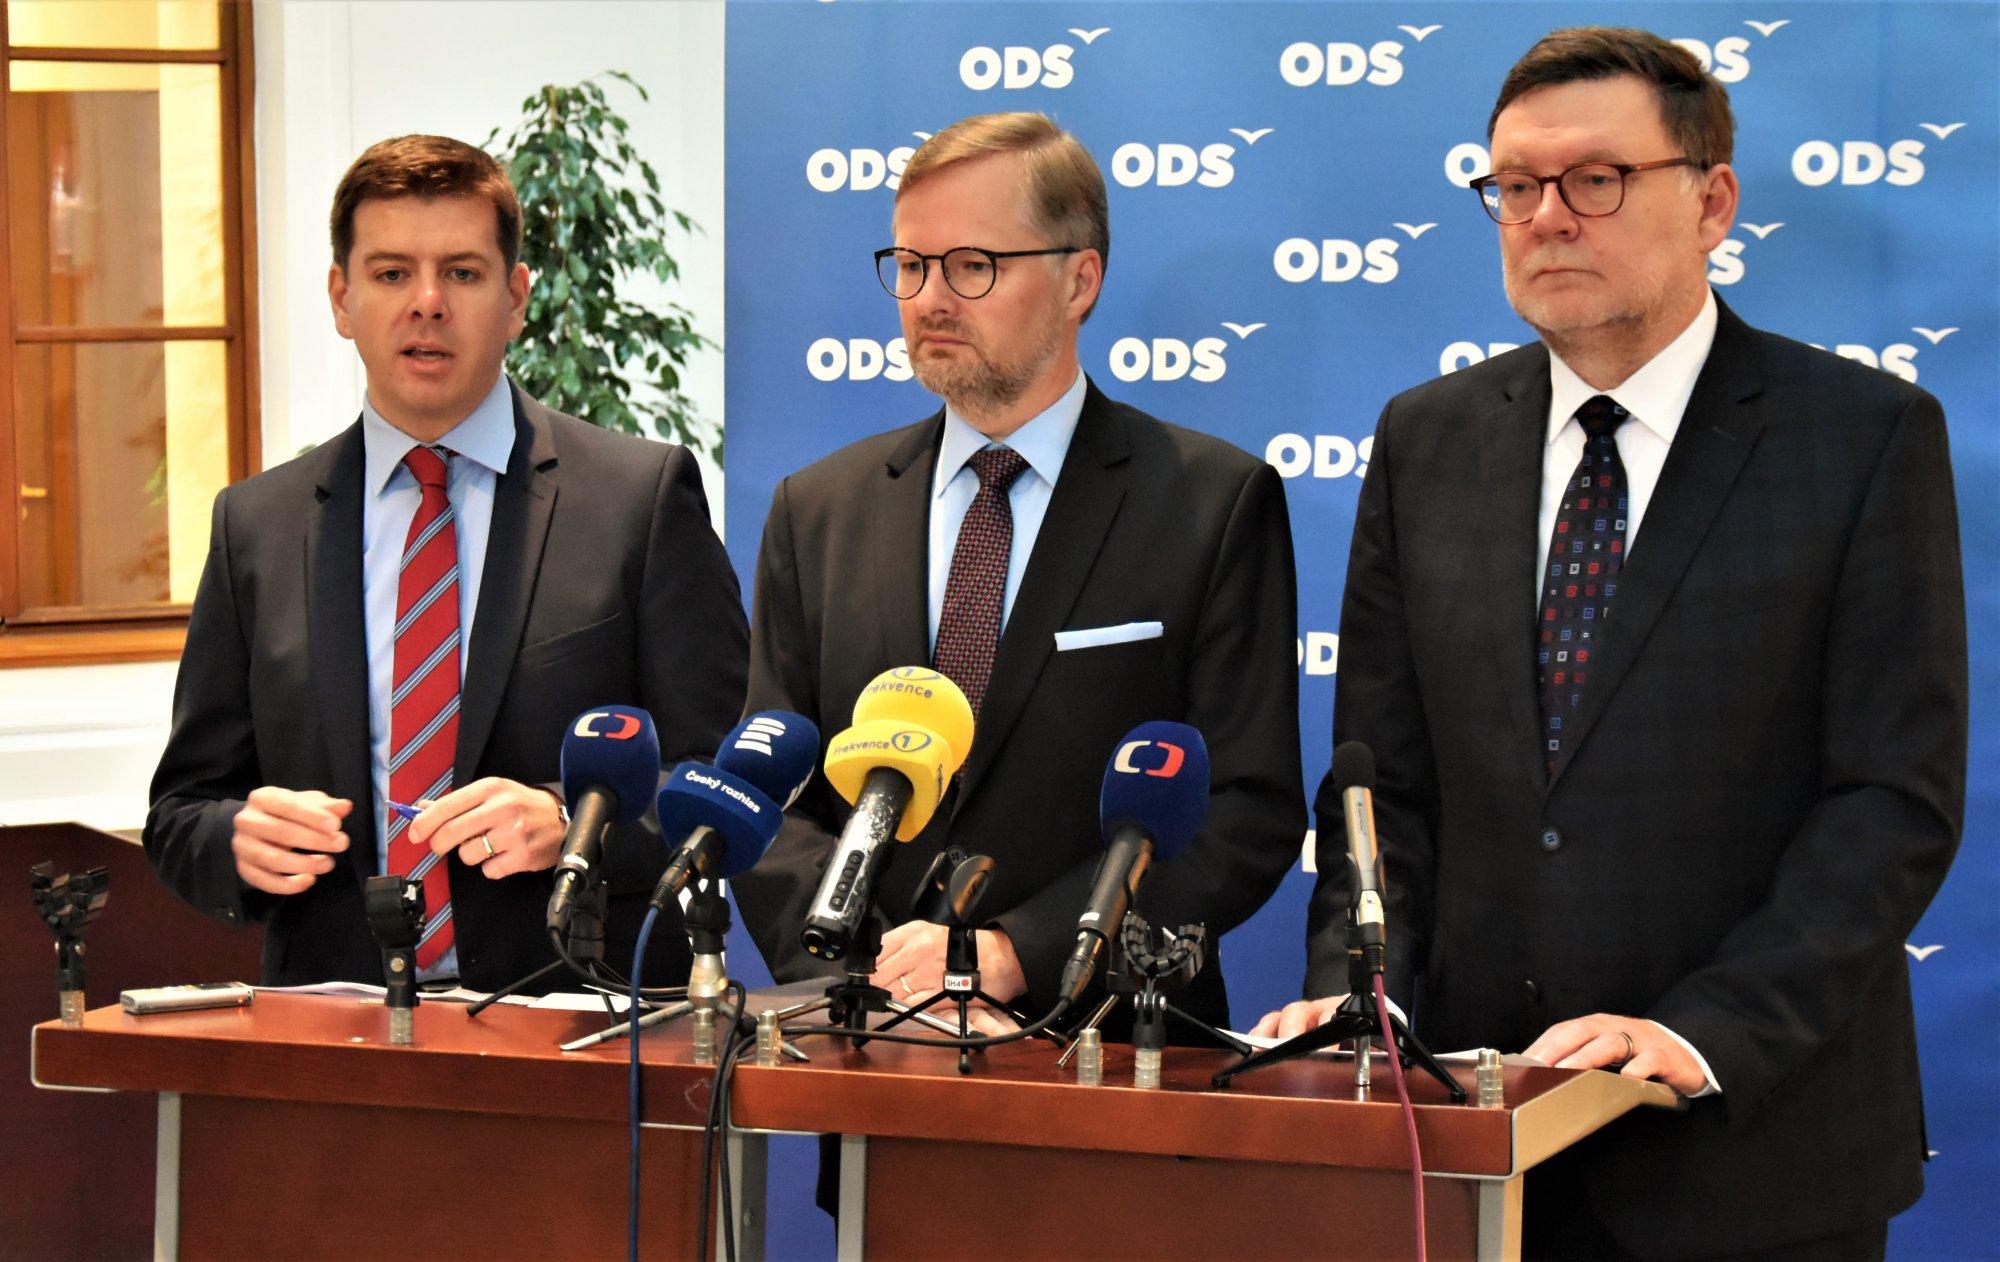 ODS: Zeman se paradoxně zachoval jako gentleman, když přišel do Sněmovny podpořit rozpočtový paskvil. Schillerová opět nebyla schopna předložit rozumný rozpočet